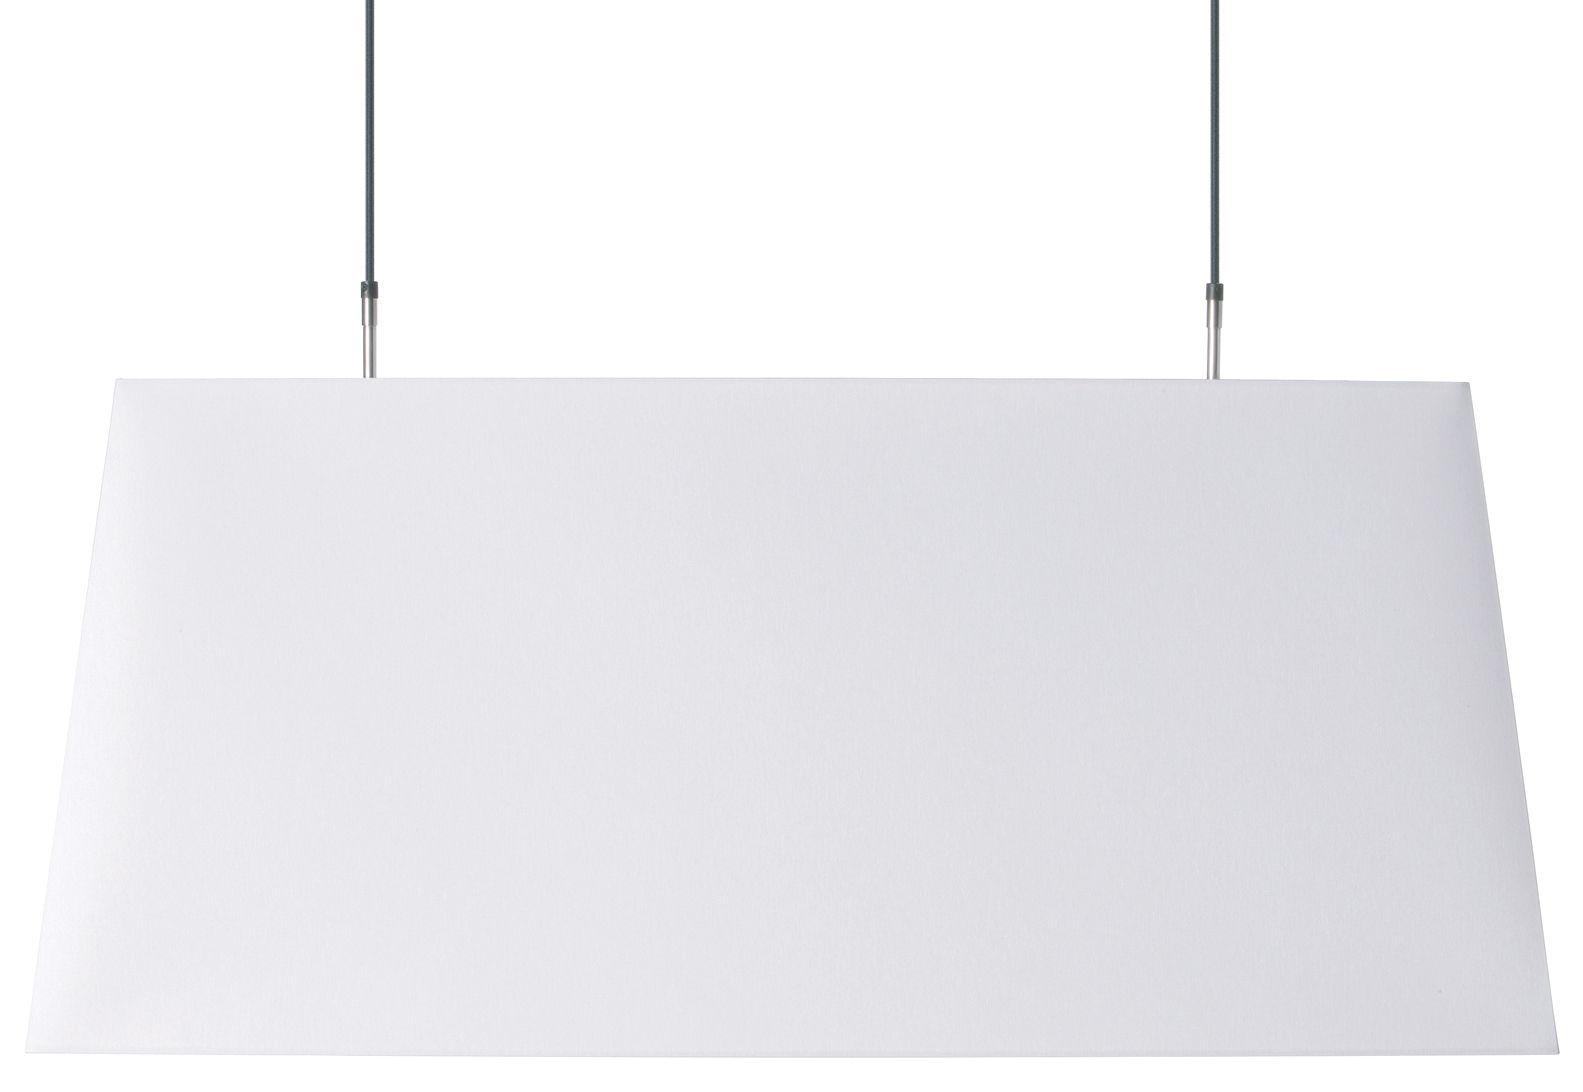 Lighting - Pendant Lighting - Long light Pendant by Moooi - White - Cotton